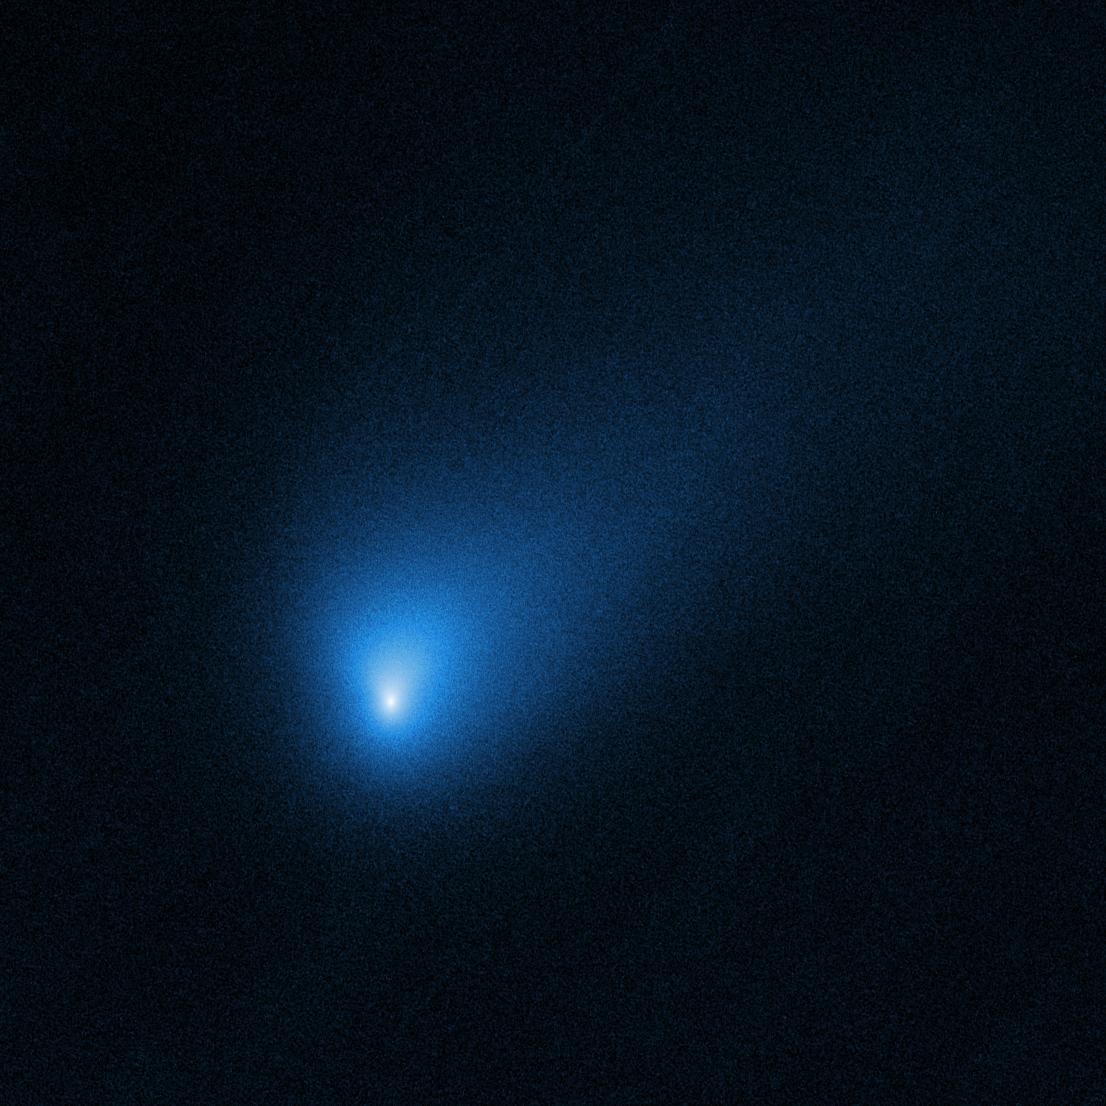 مذنب بين نجمي يحتوي على مياه مصدرها خارج نظامنا الشمسي تركيب المواد المنبعثة من المذنب العمليات الكيميائية والفيزيائية الحادثة في الأقراص النجمية